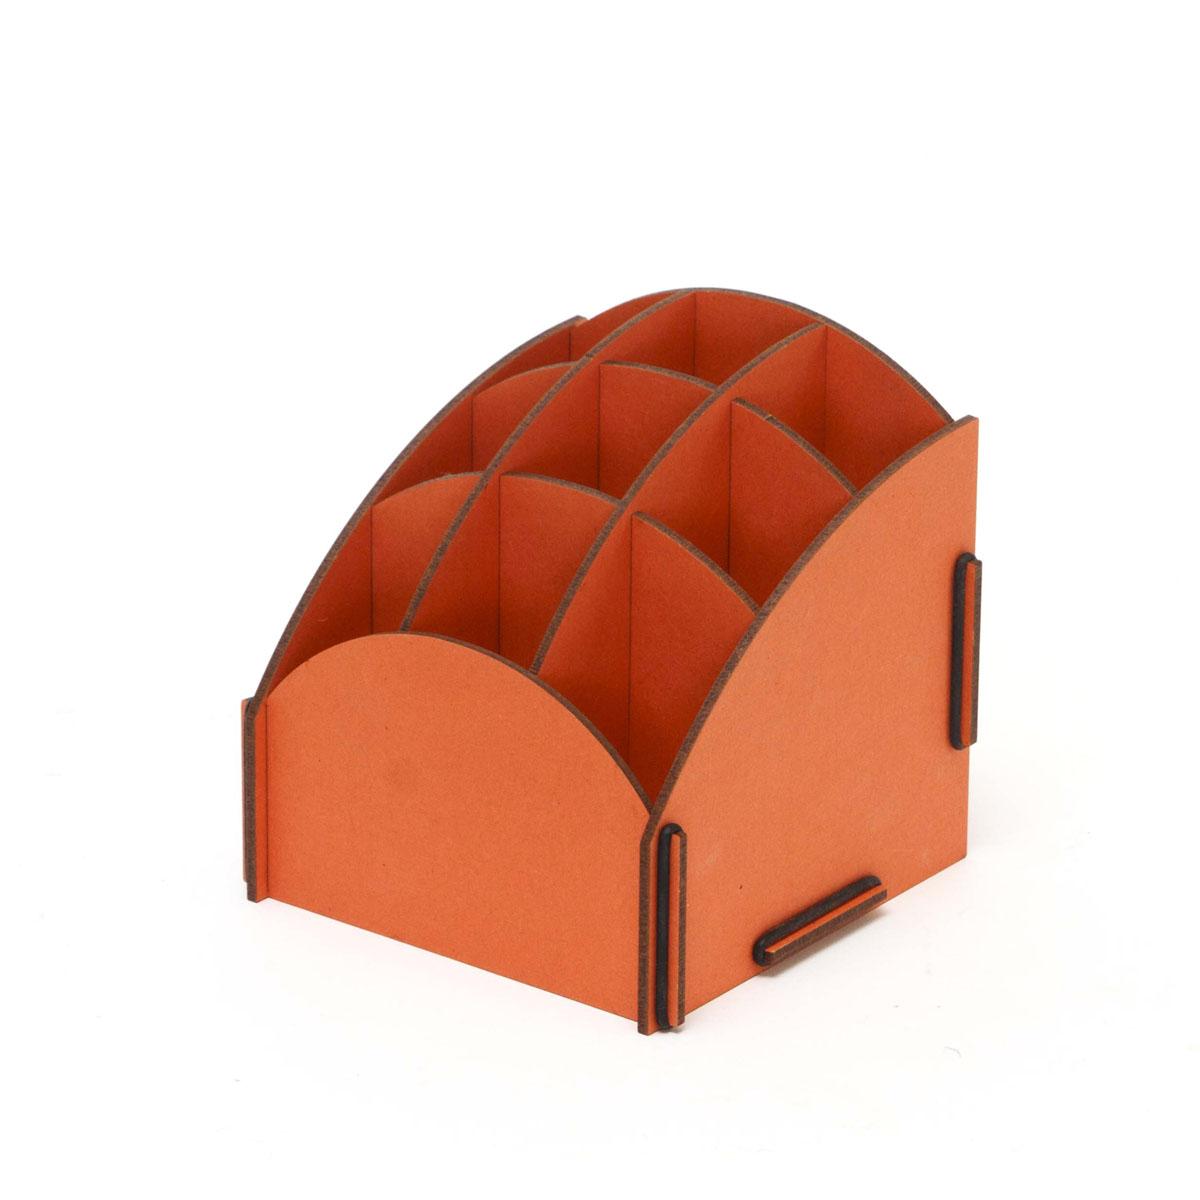 Органайзер настольный Homsu, 9 секций, цвет: оранжевый, 13,8 x 13,8 x 14 смHOM-72Настольный органайзер Homsu выполнен из МДФ и легко собирается из съемных частей. Изделие имеет 9 отделений для хранения документов, канцелярских предметов и всяких мелочей. Органайзер просто незаменим на рабочем столе, он вместителен и не занимает много места. Оригинальный дизайн дополнит интерьер дома и разбавит цвет в скучном сером офисе. Размер: 13,8 х 13,8 х 14 см.